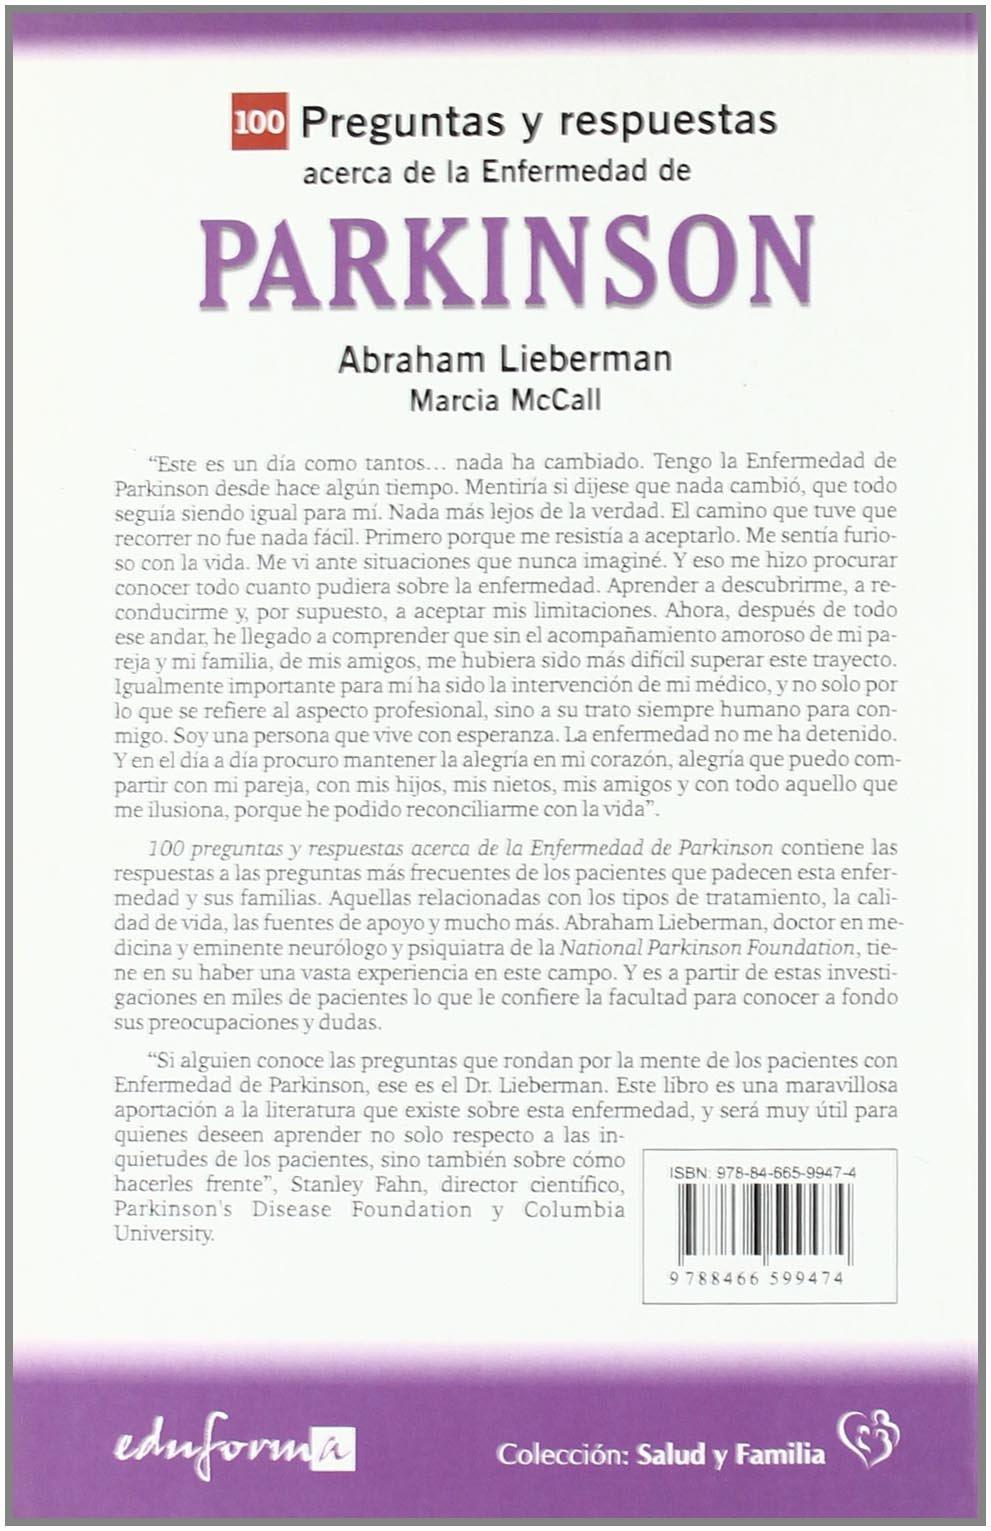 100 Preguntas Y Respuestas Acerca Del Parkinson Salud Y Familia: Amazon.es:  Inc Jones And Bartlett Publishers: Libros